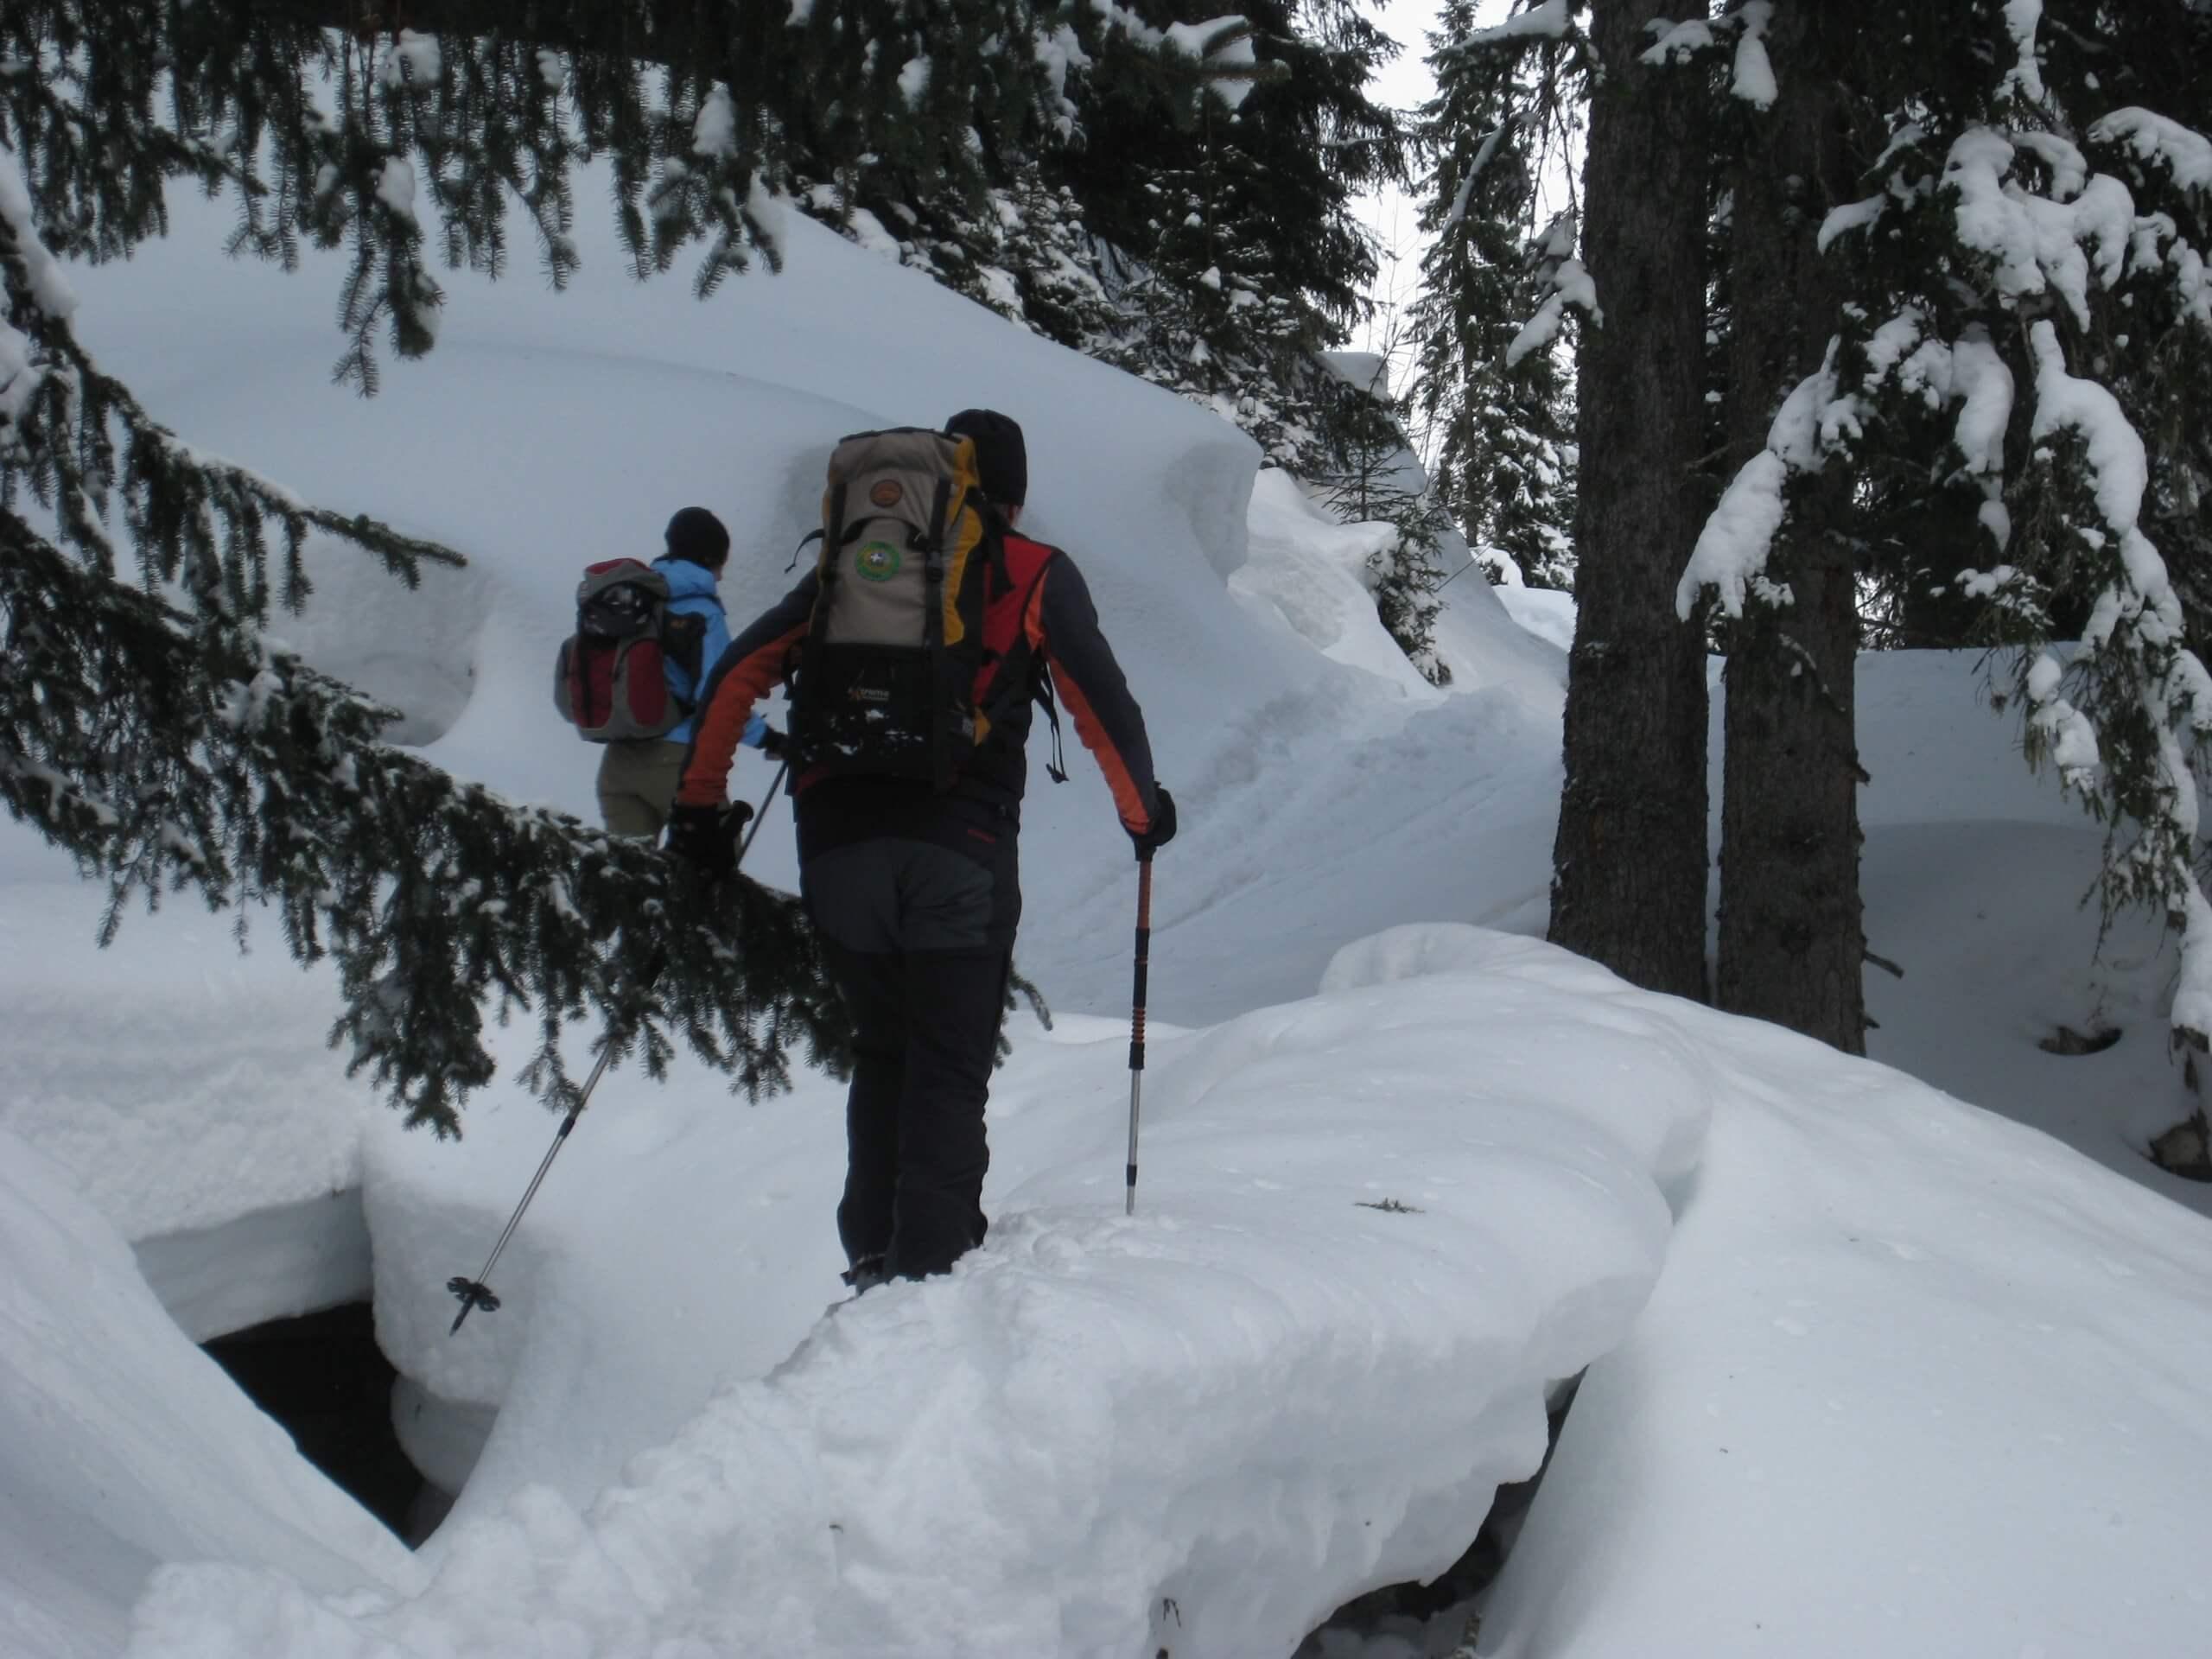 diemtigtal-erb-sport-schneeschulaufen-winter